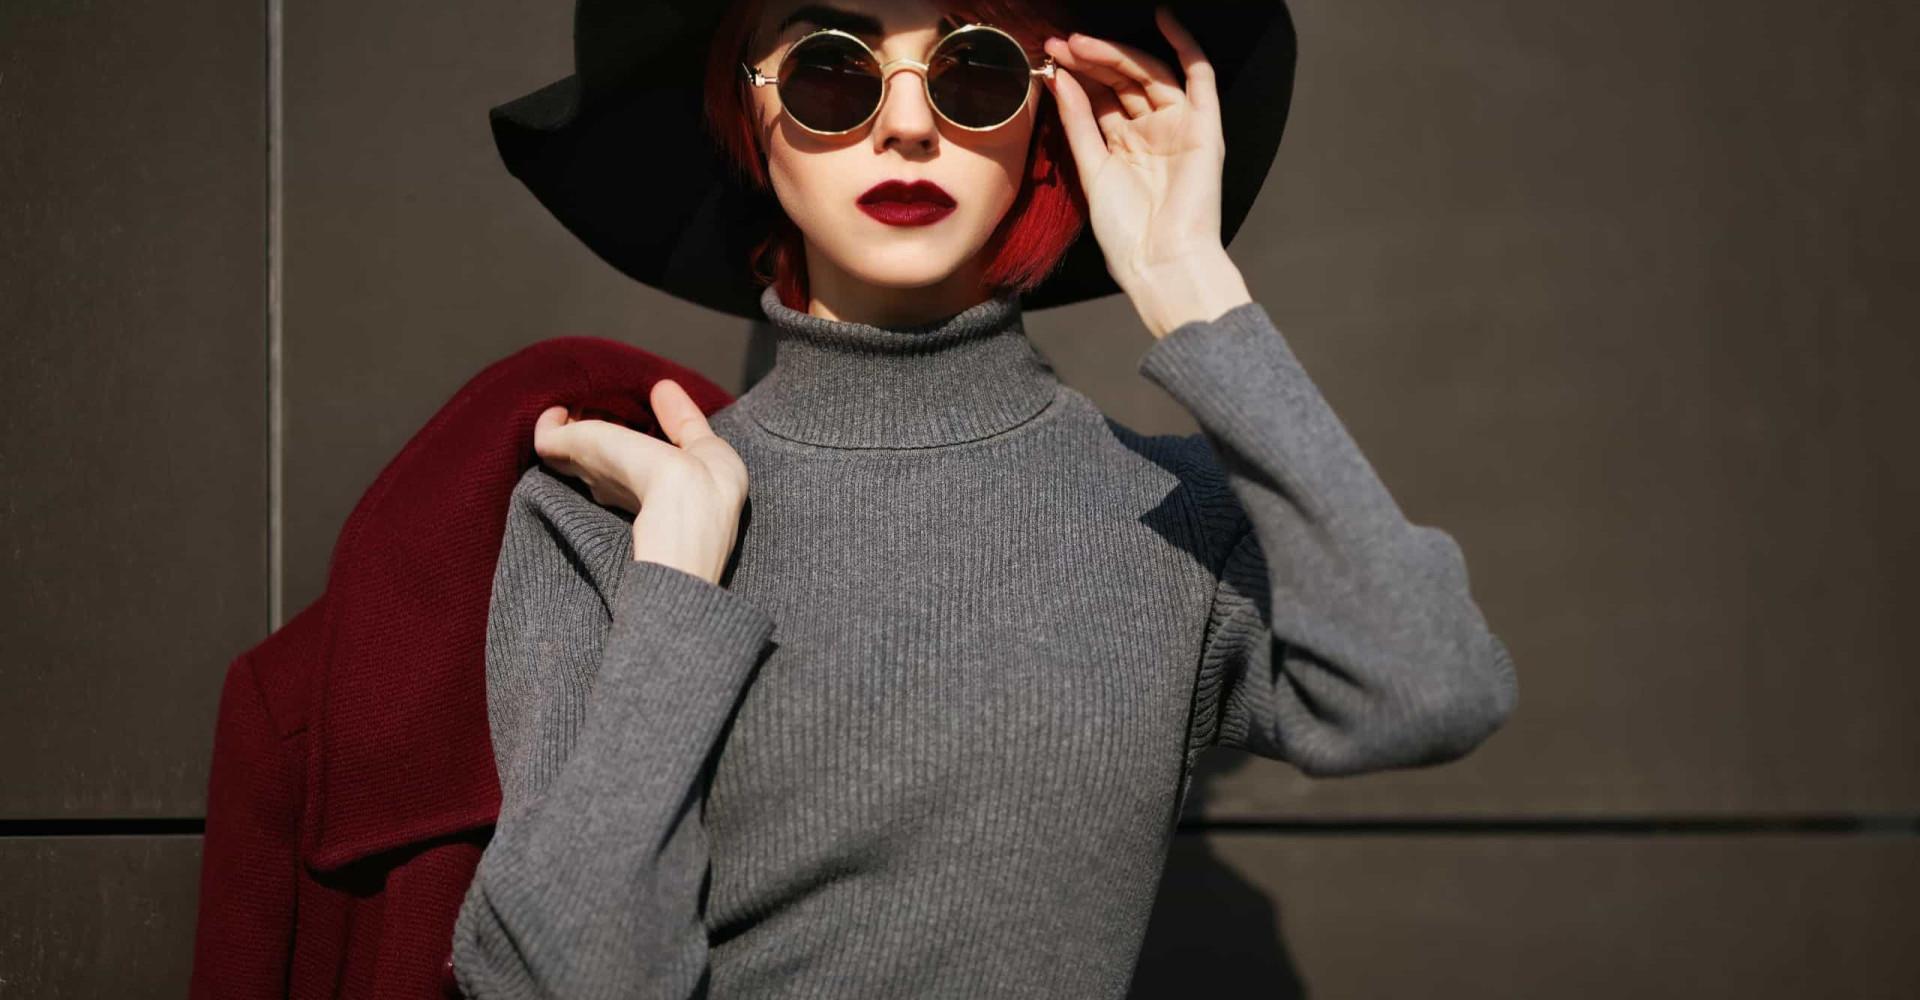 Otoño cálido: cómo vestir correctamente tu suéter